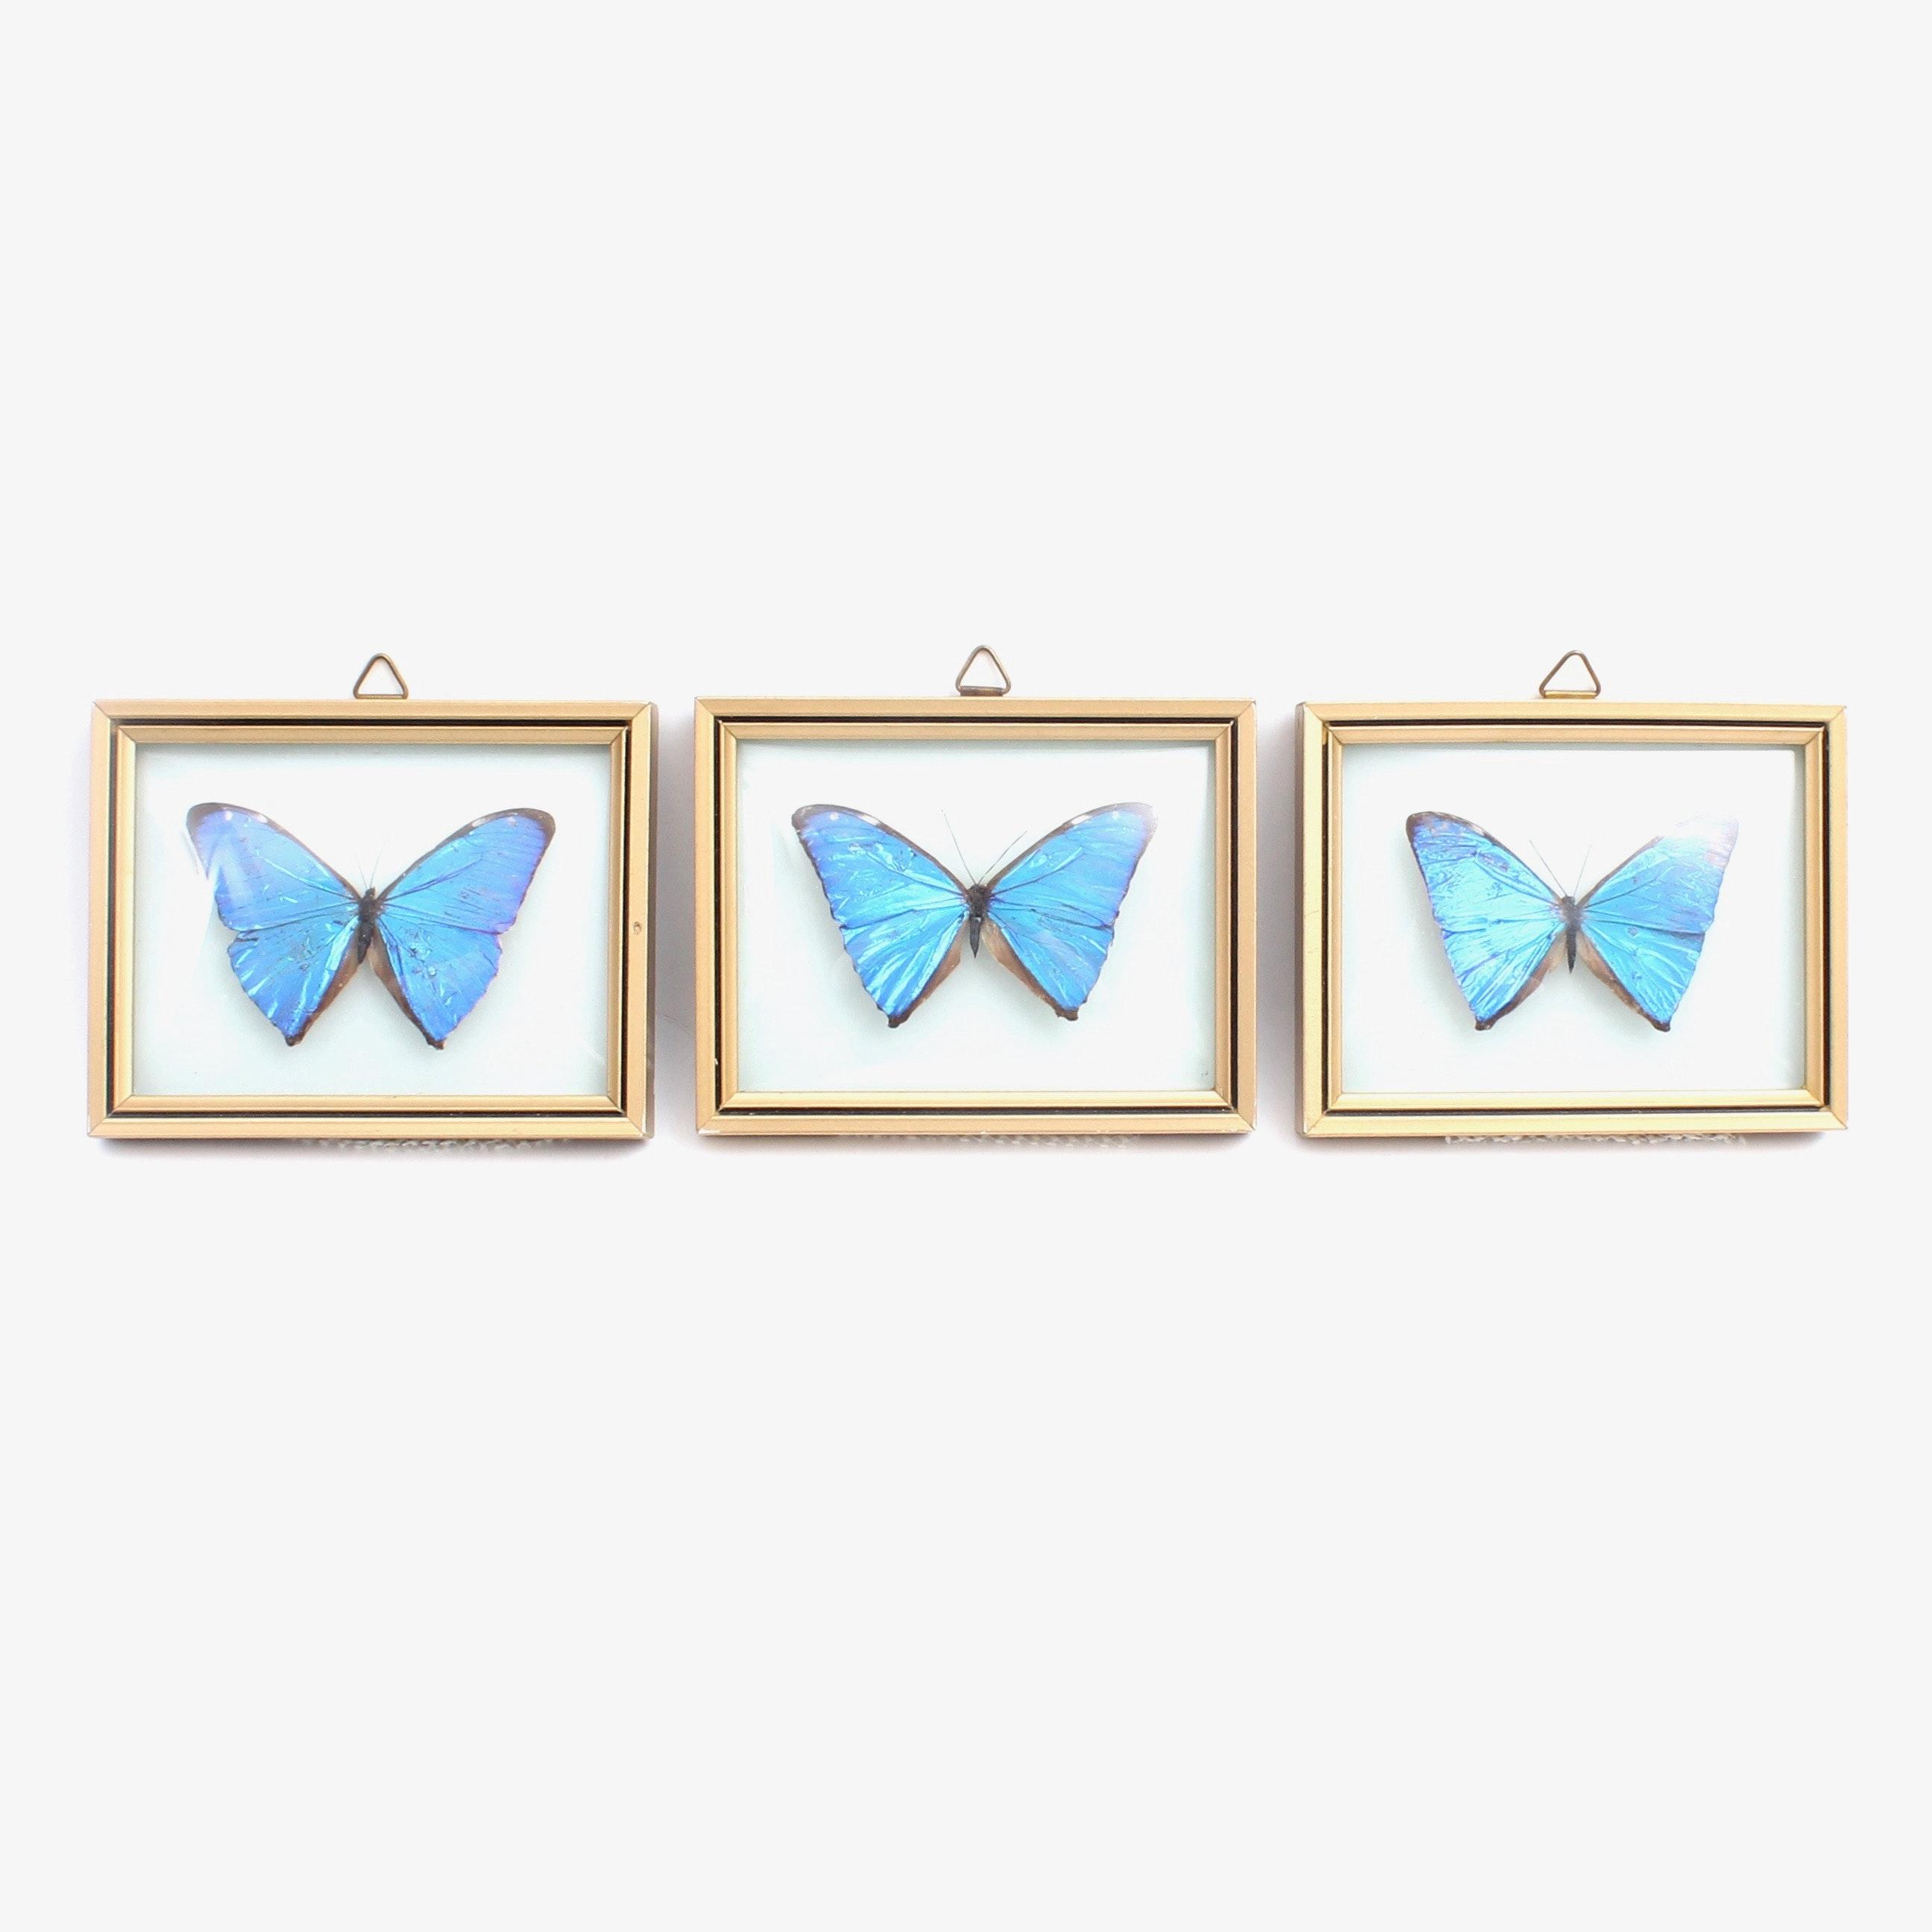 Framed Morpho Blue Butterfly Specimens